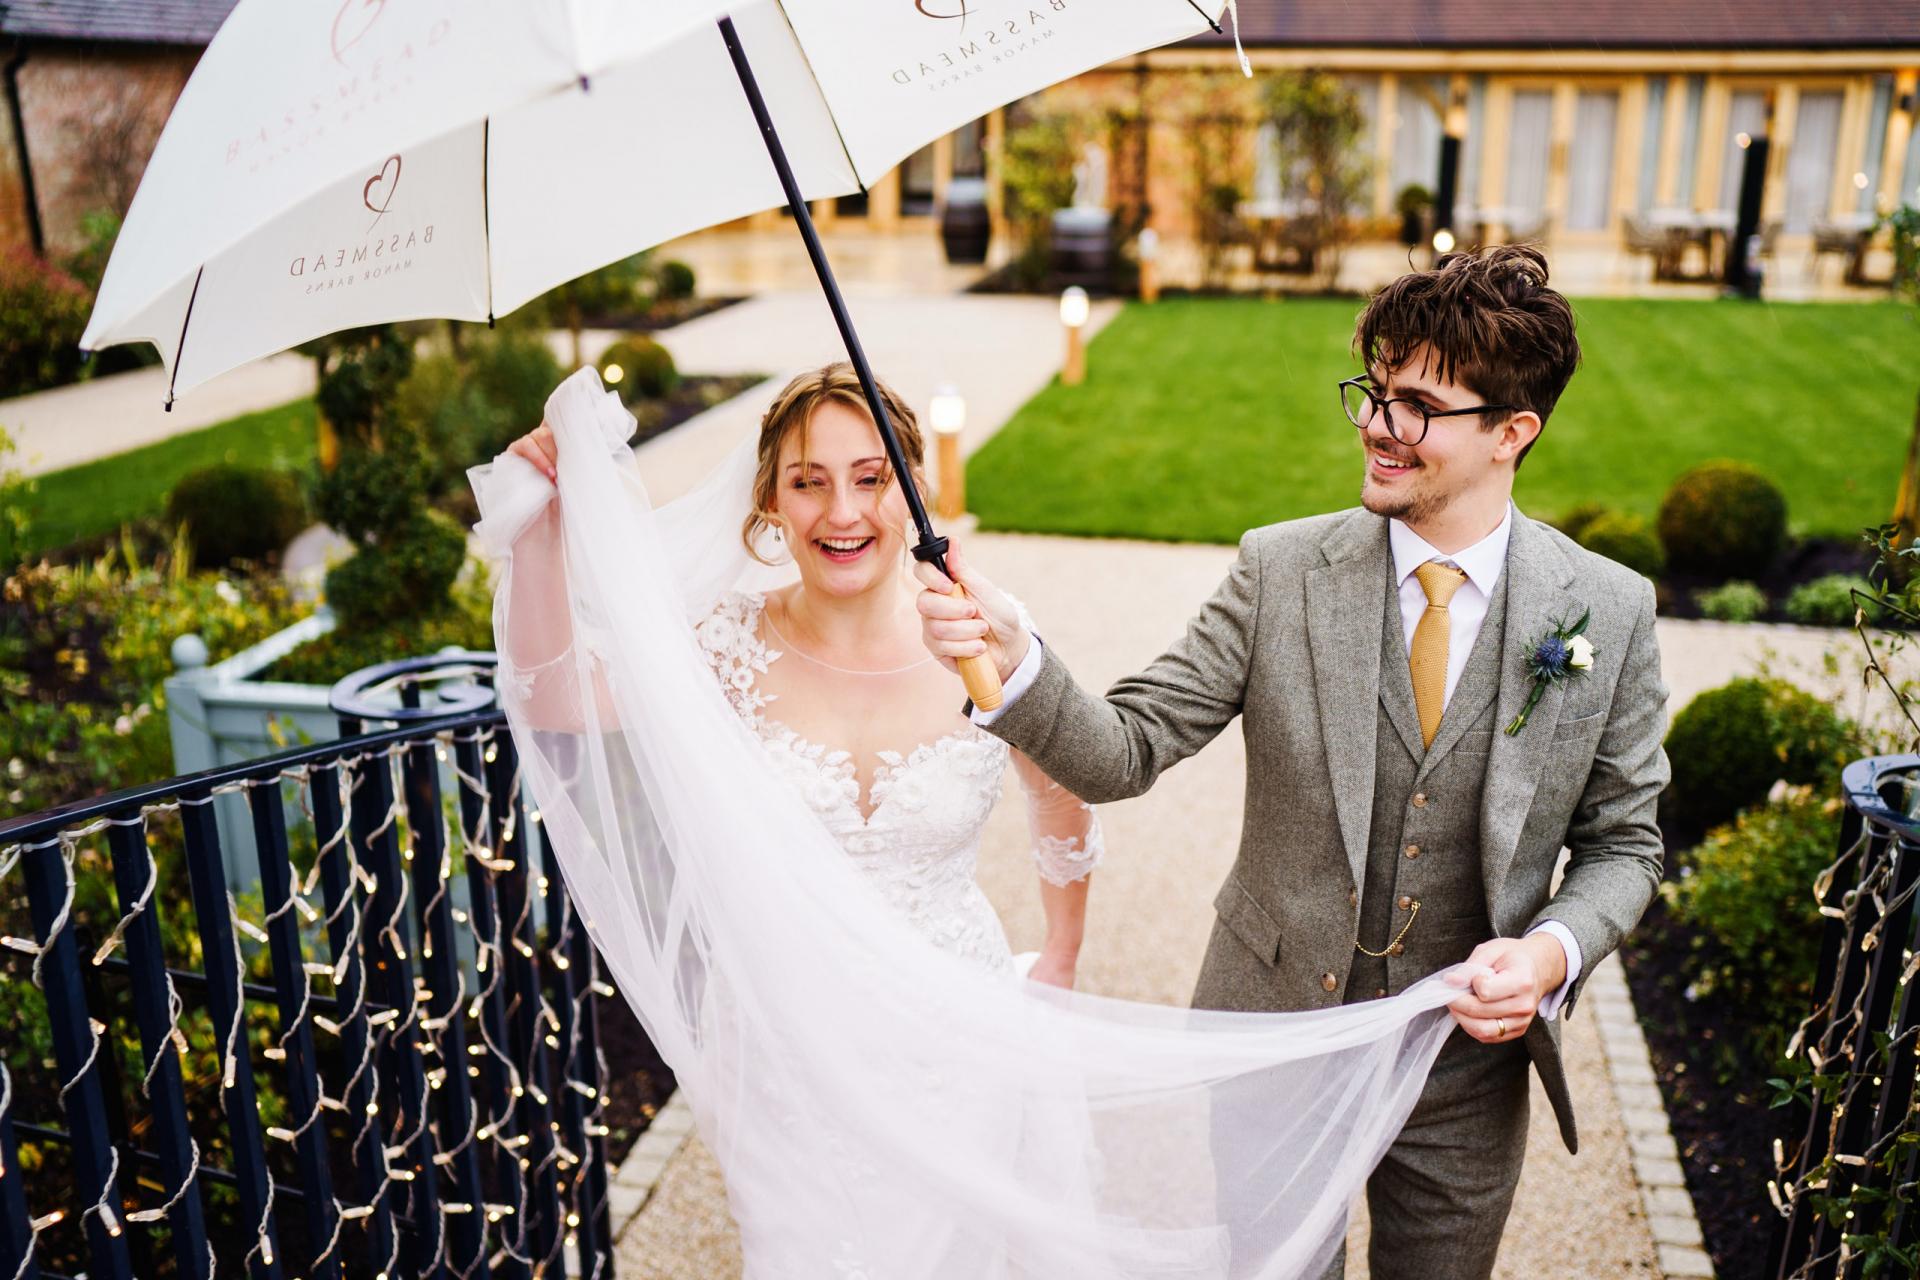 Bassmead, Manor Granges, Staploe, Photos de mariage Saint Neots | Après la cérémonie, les mariés passent du temps seuls ensemble